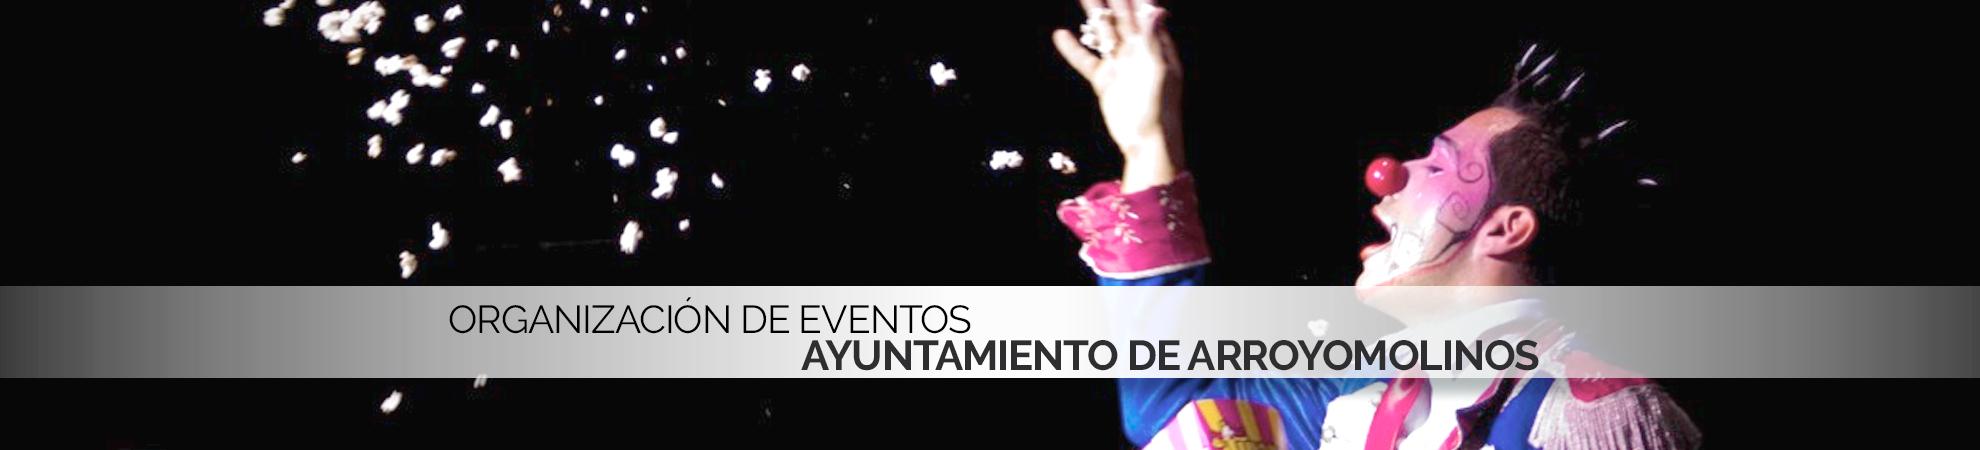 evento ayuntamiento de arroyomolinos